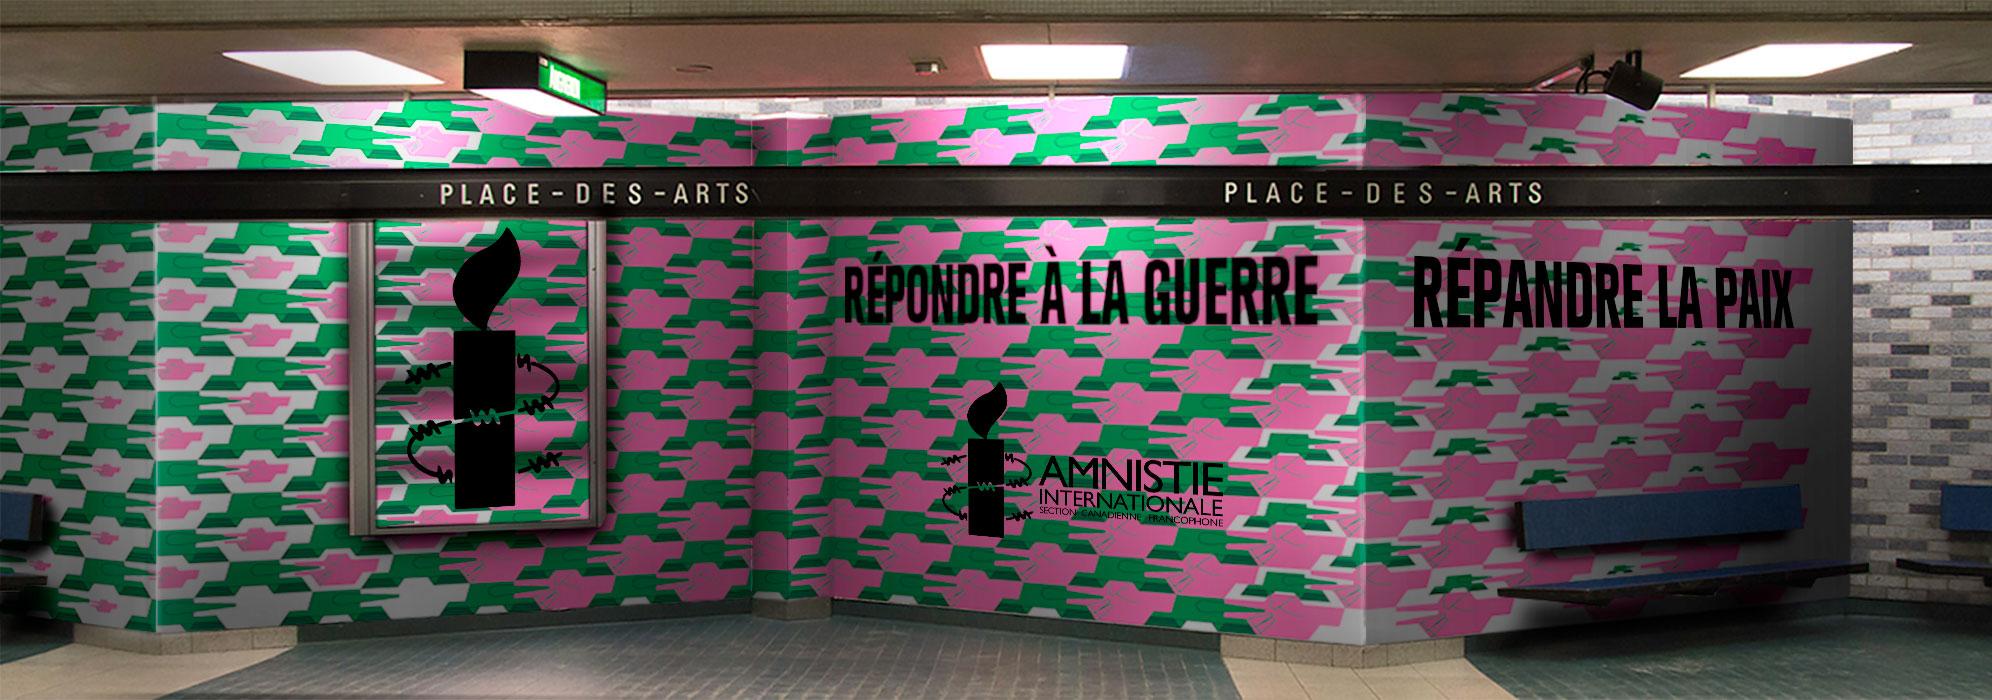 Mockup métro Place-Des-Arts